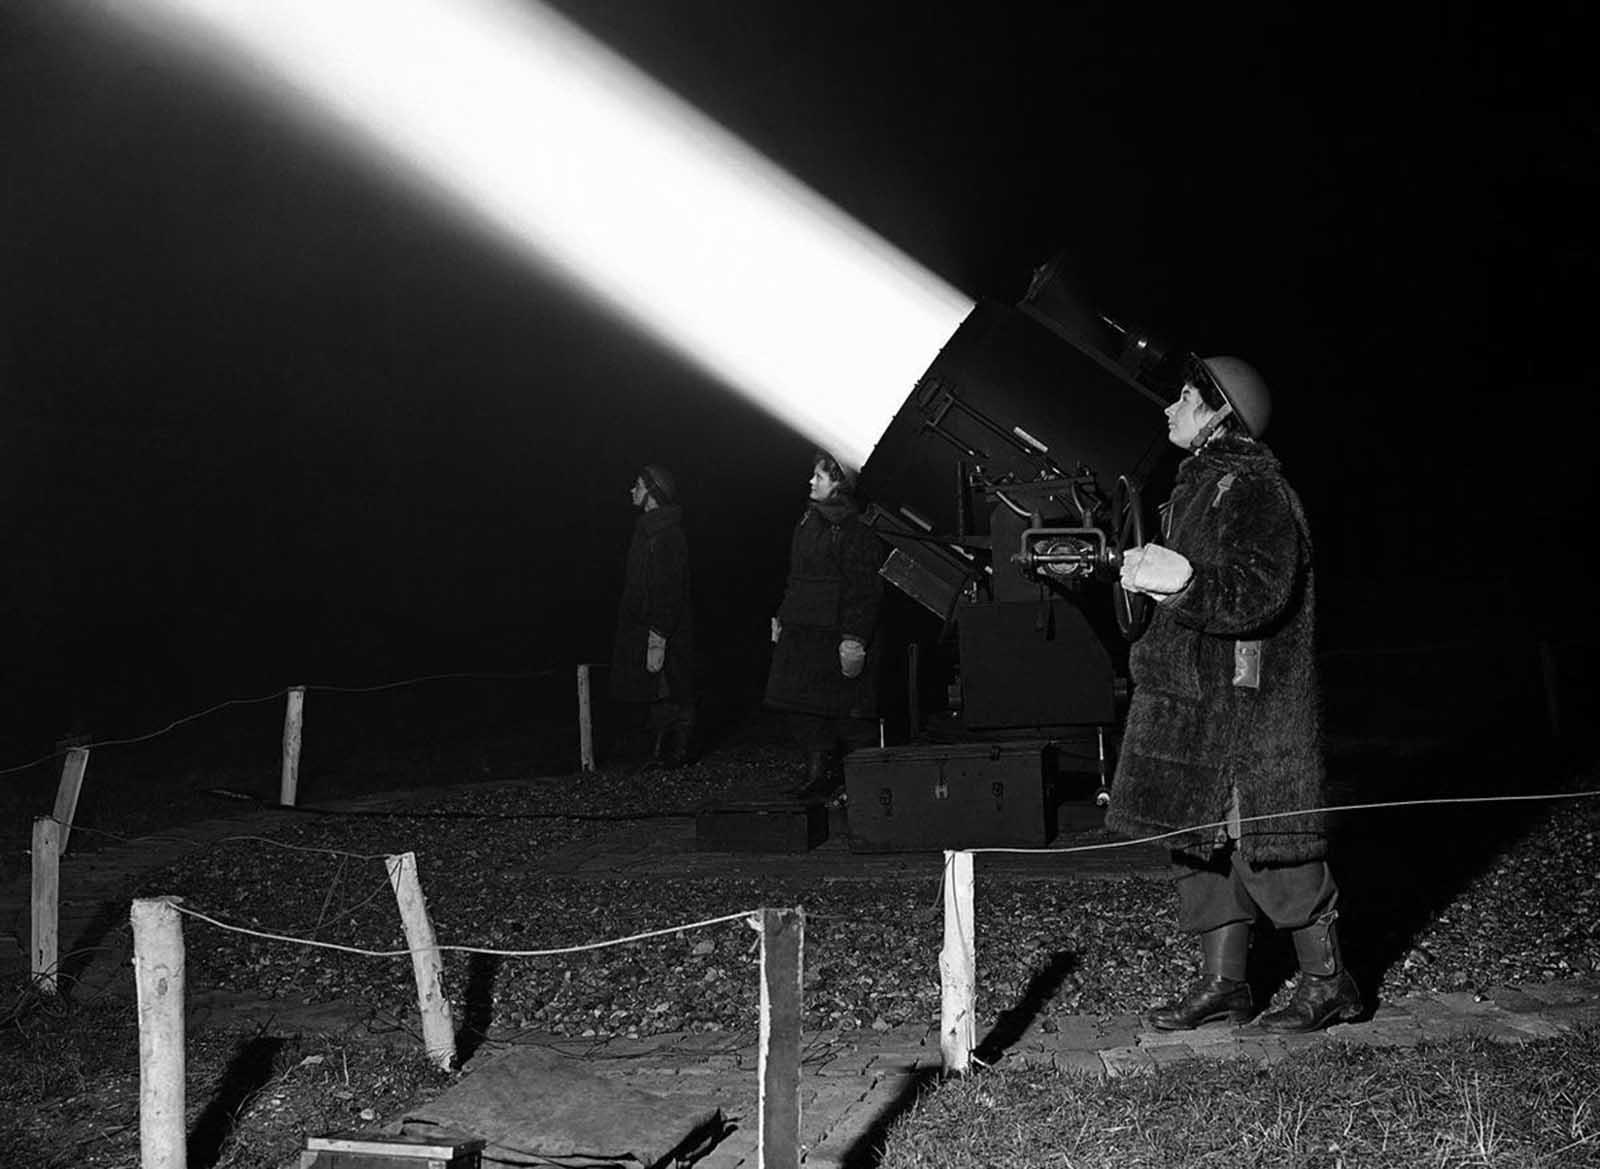 El 19 de enero de 1943, una tripulación auxiliar del Servicio Territorial Auxiliar, vestida con abrigos cálidos de invierno, trabaja en un reflector cerca de Londres, tratando de encontrar bombarderos alemanes para los cañones antiaéreos.